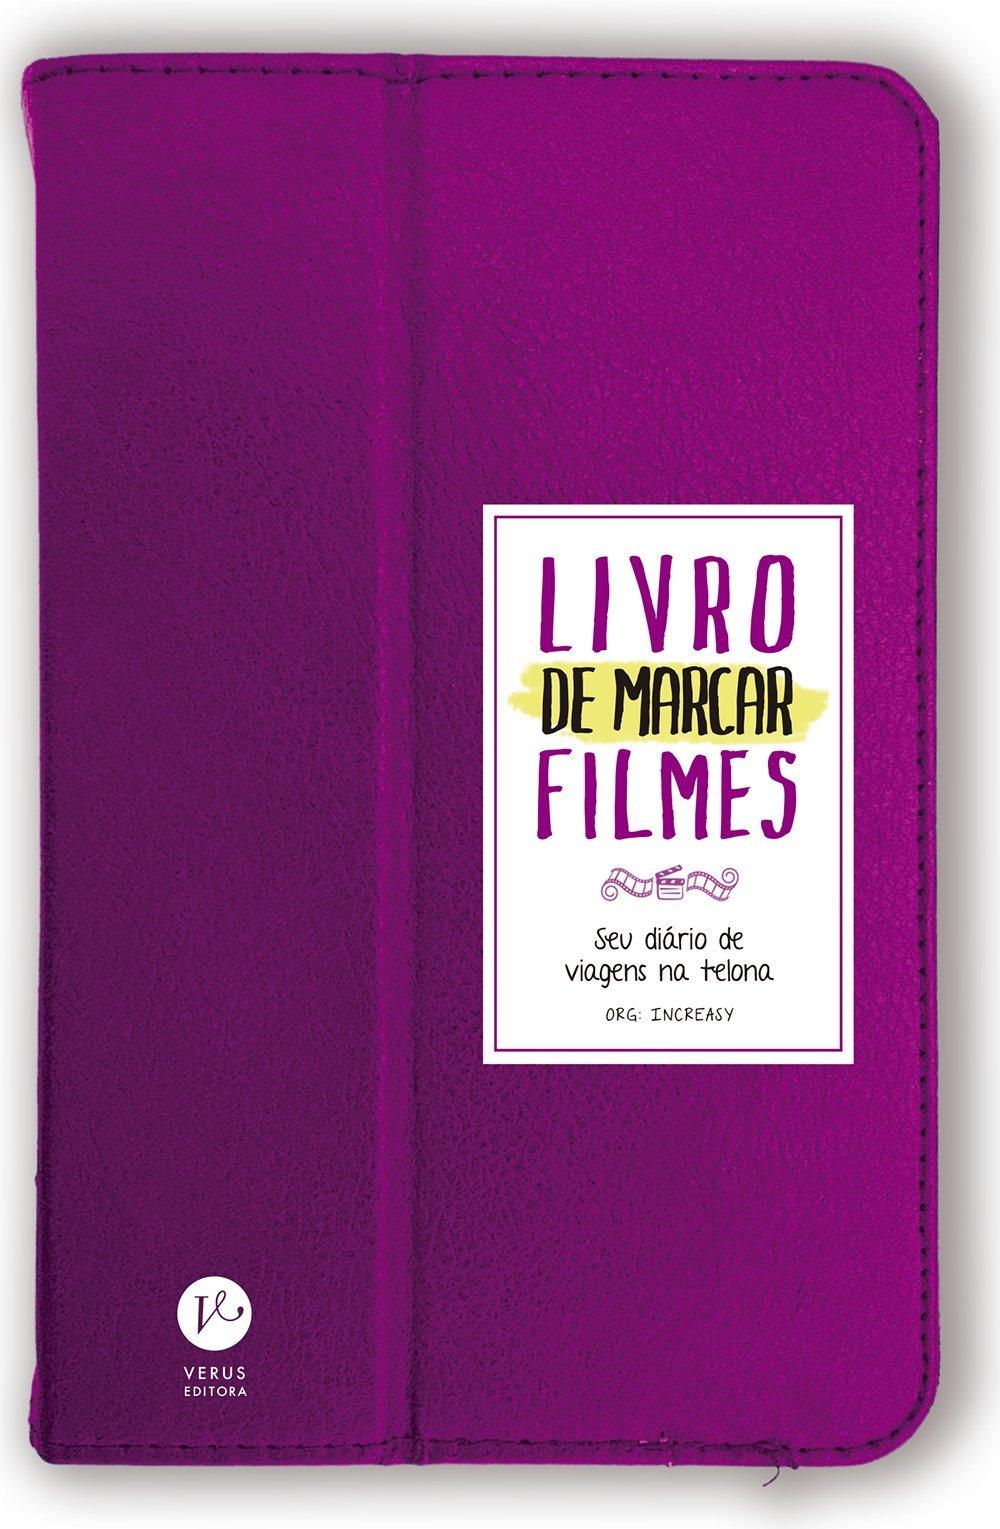 Resenha - Livro de marcar filmes: Seu diário de viagens na telona